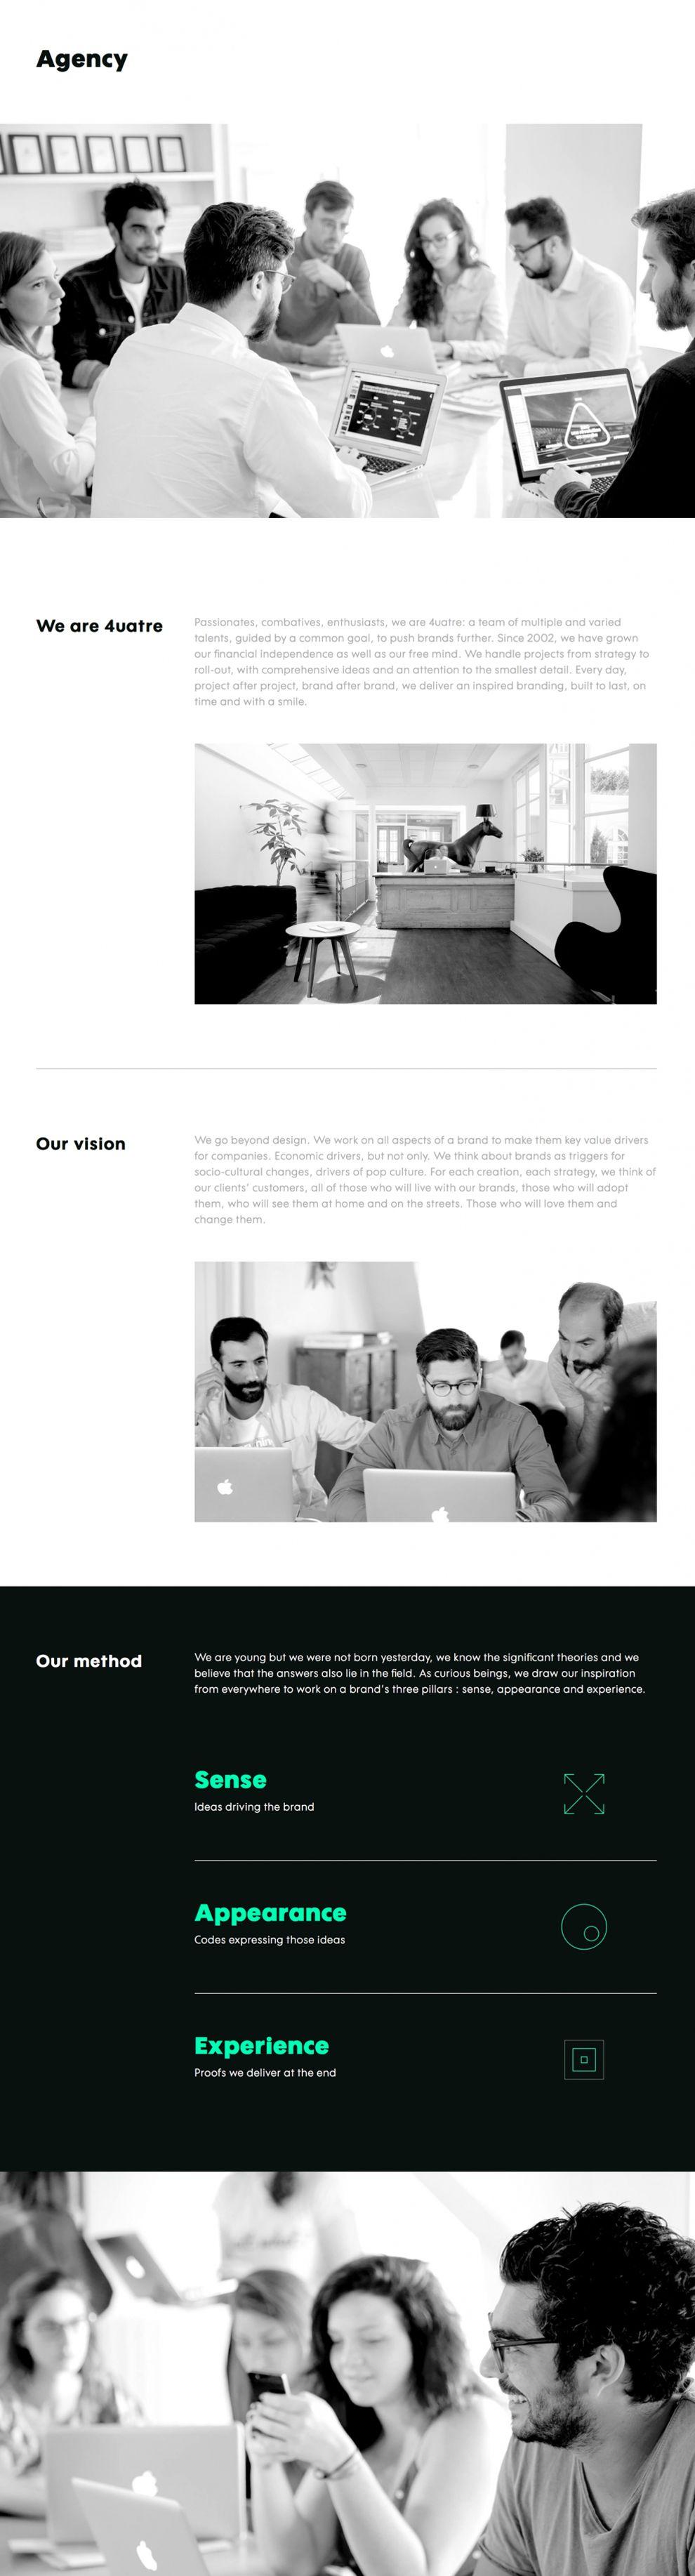 4uatre Elegant Website Design